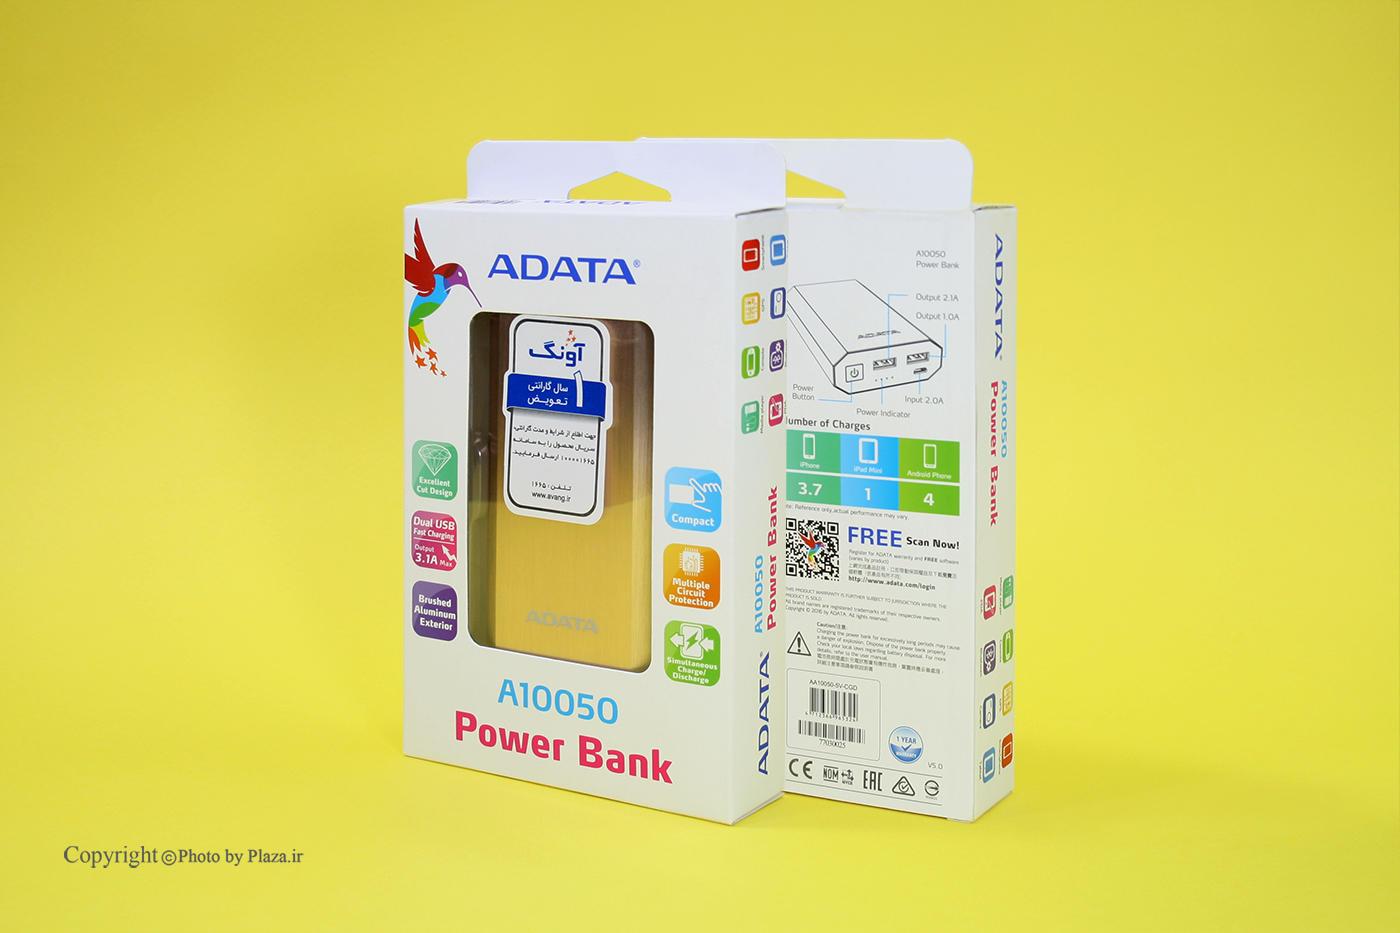 پاور بانک  ای دیتا مدل A10050